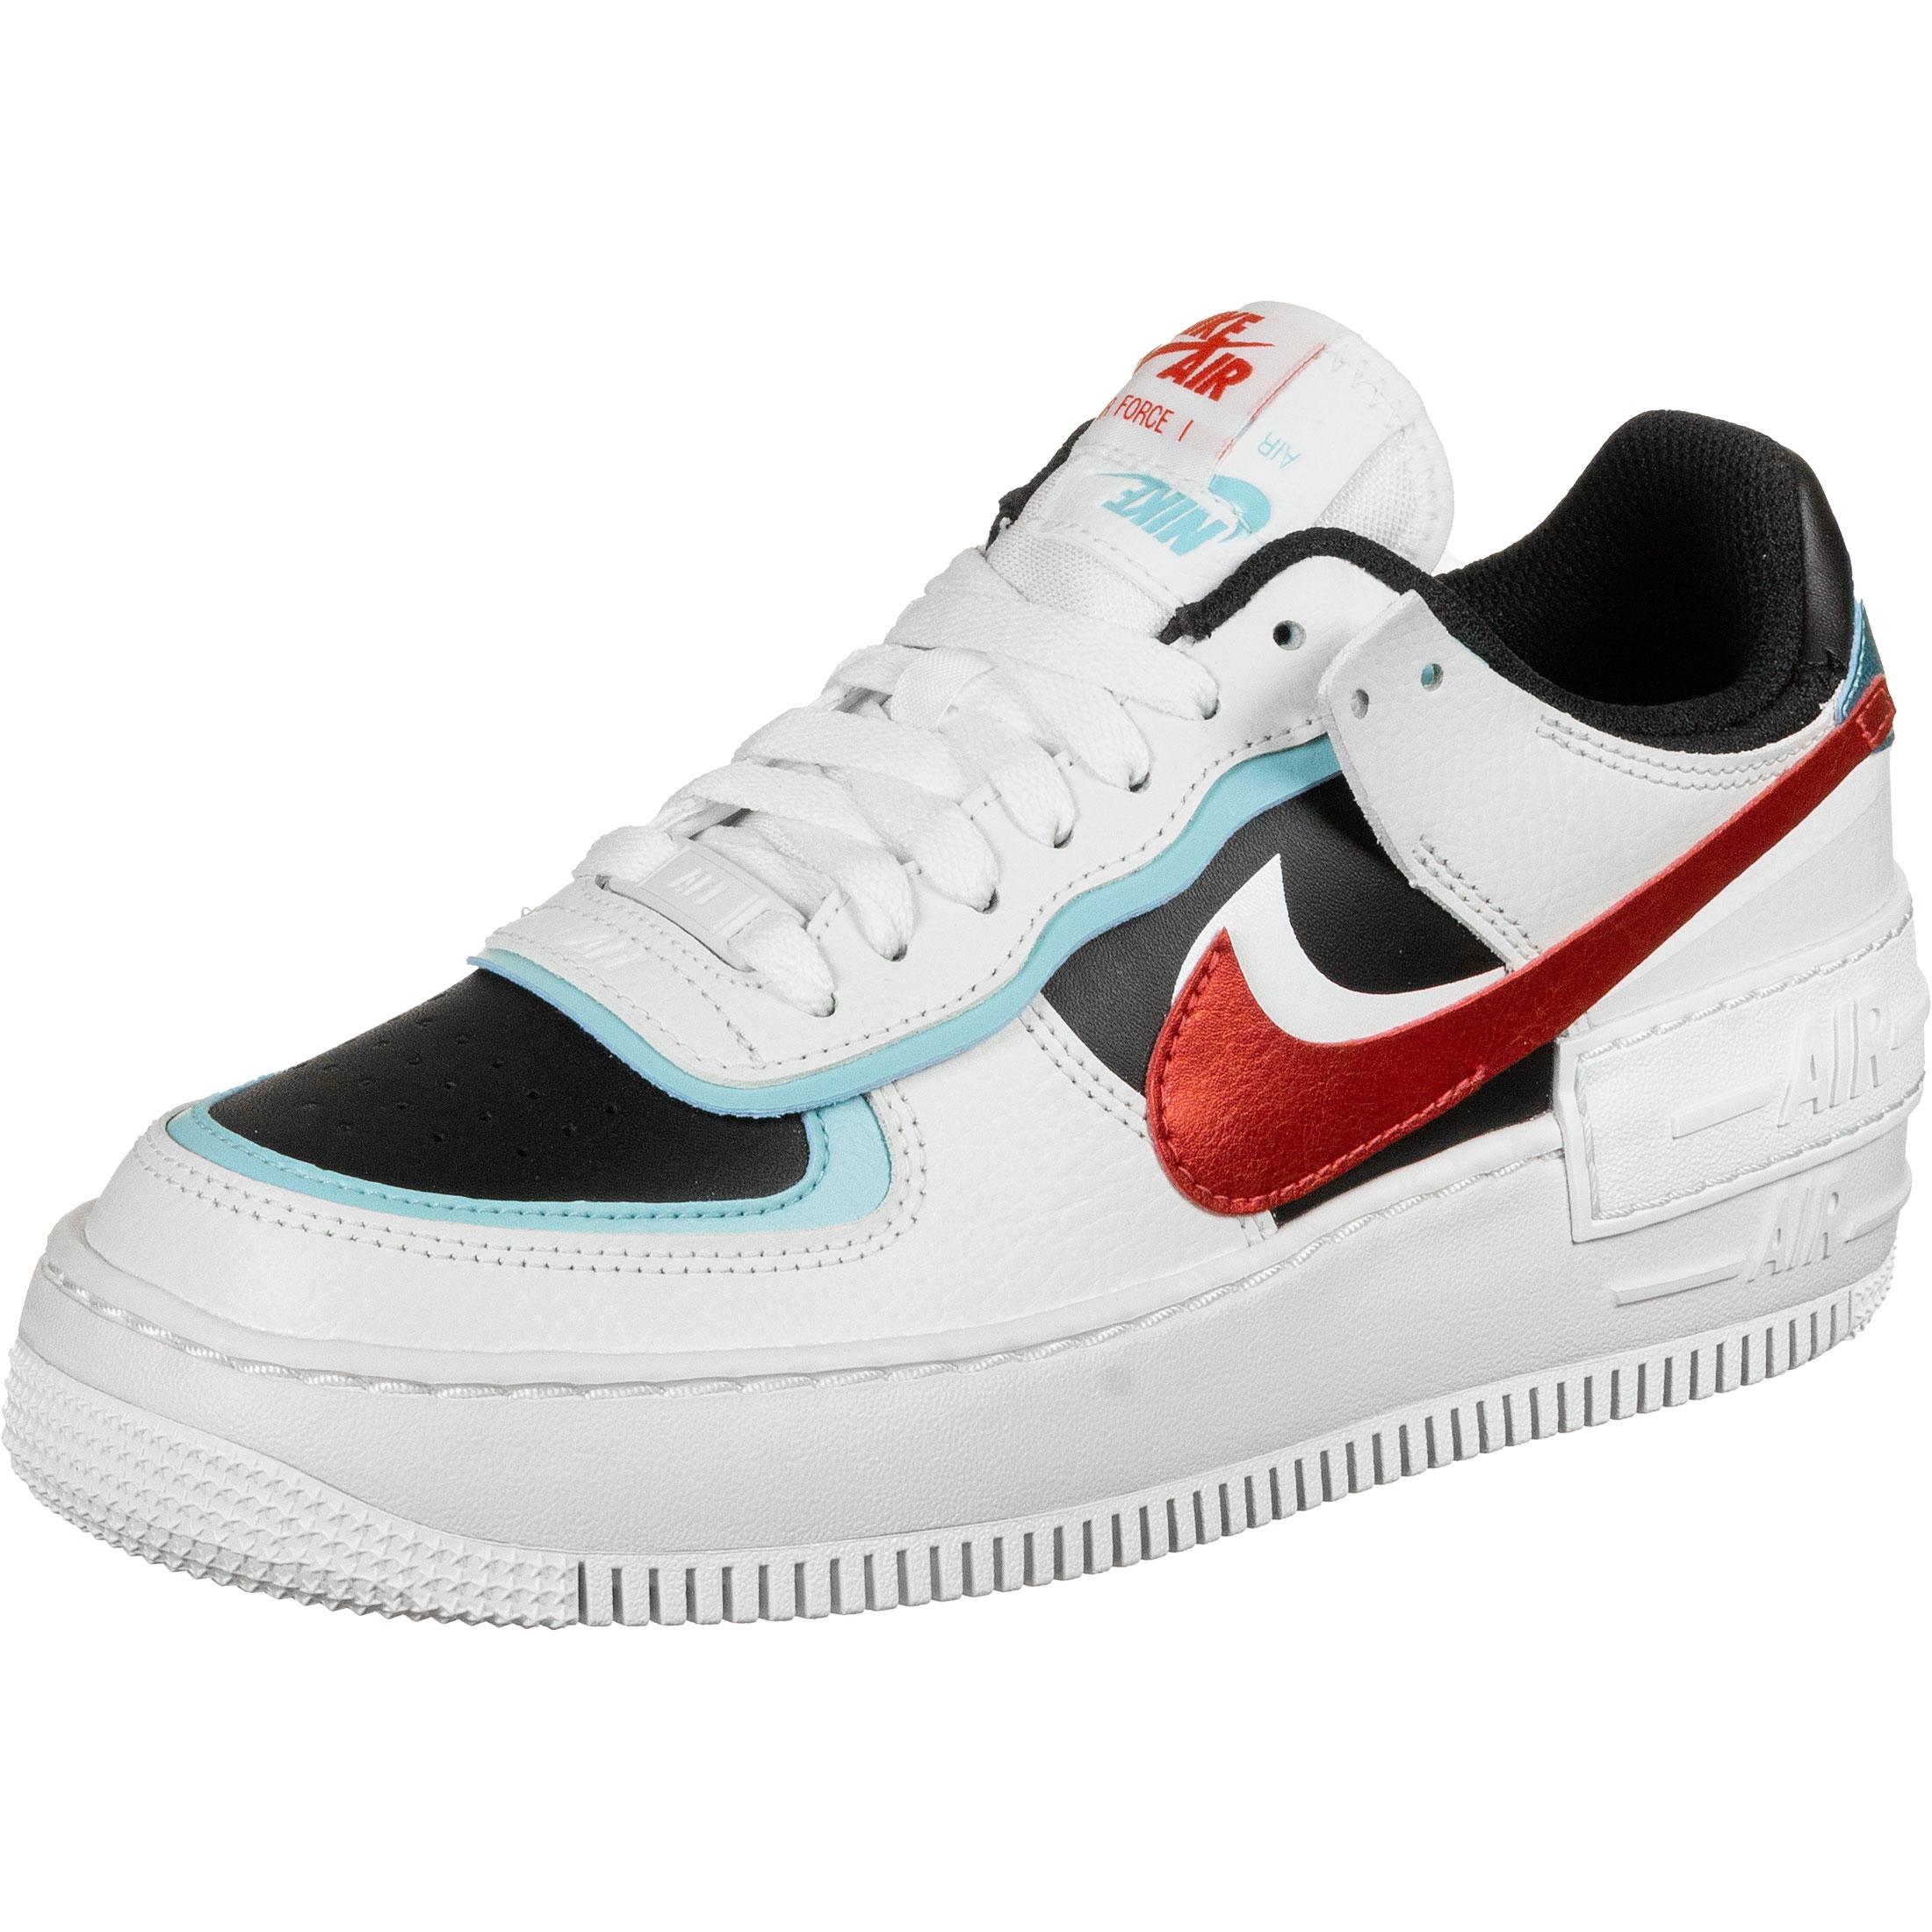 air force 1 shadow sneakers basse